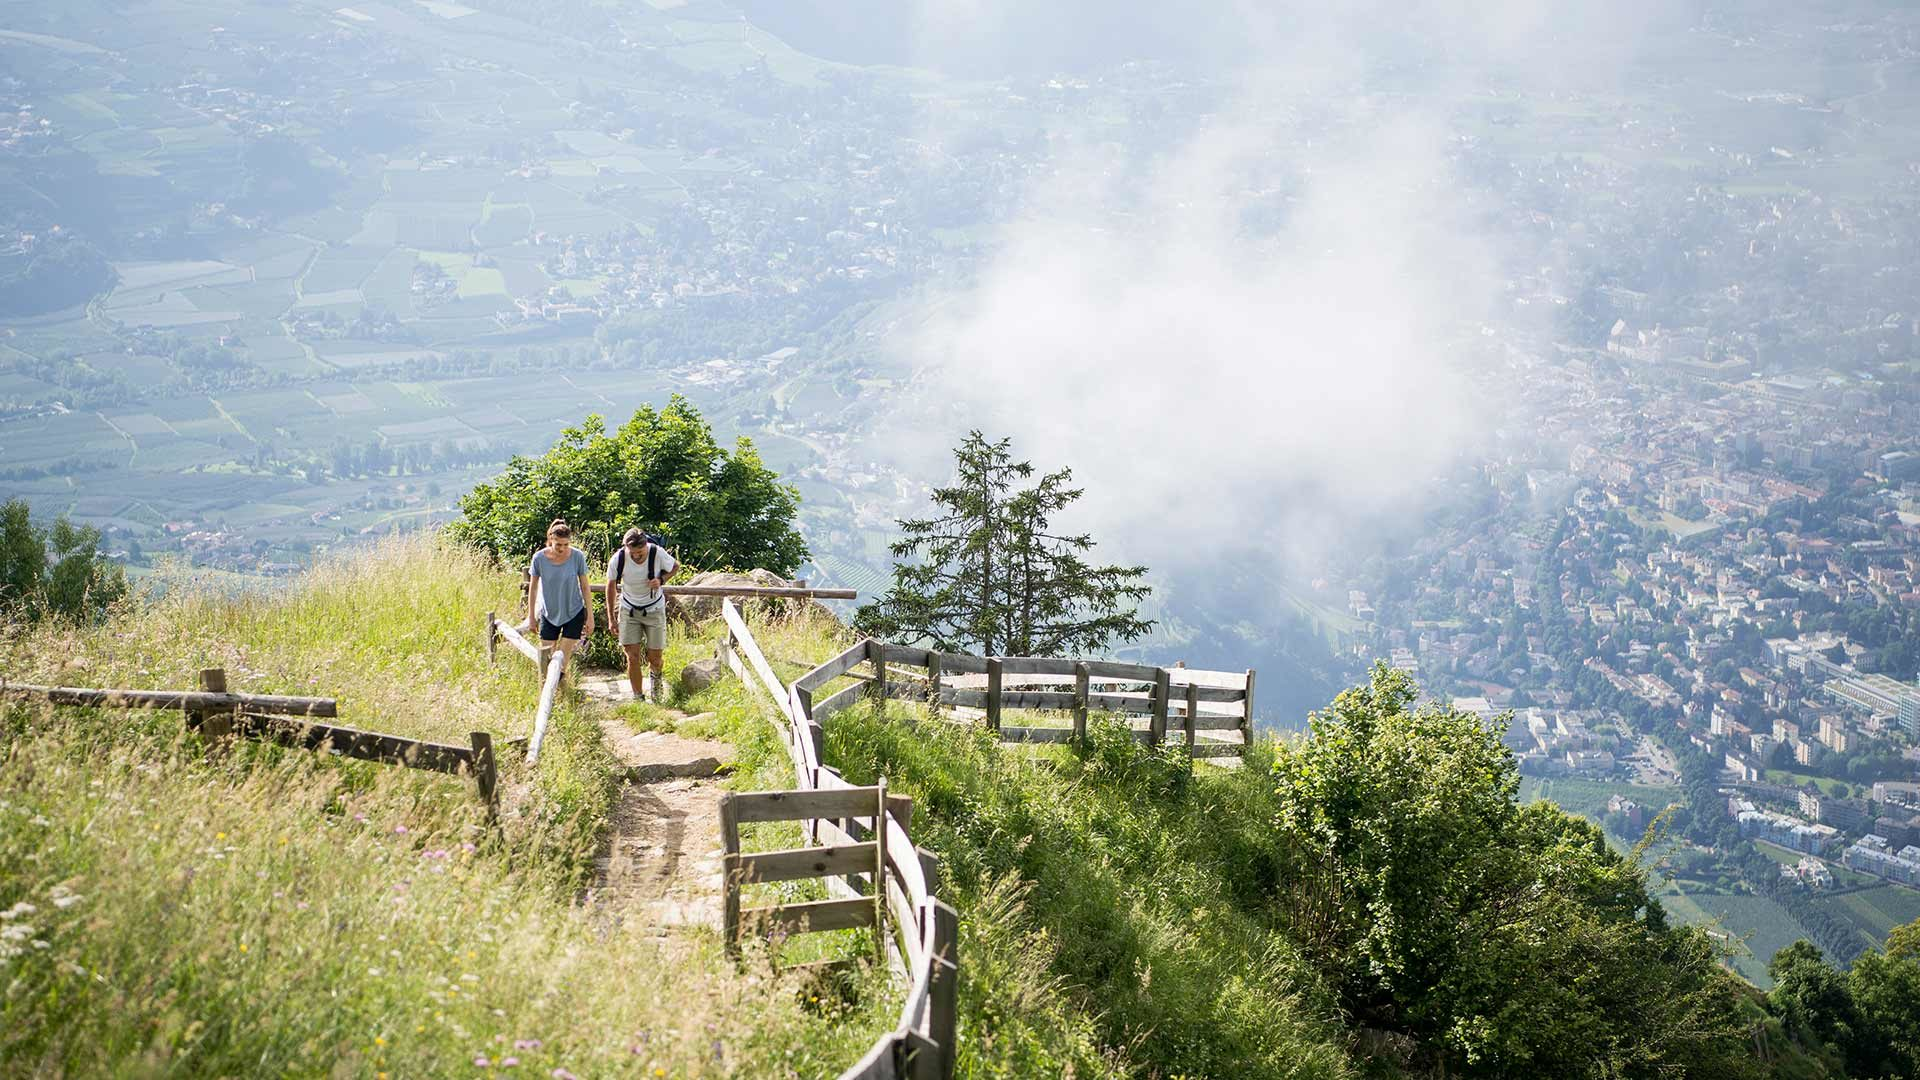 Wanderung - Meraner Höhenweg